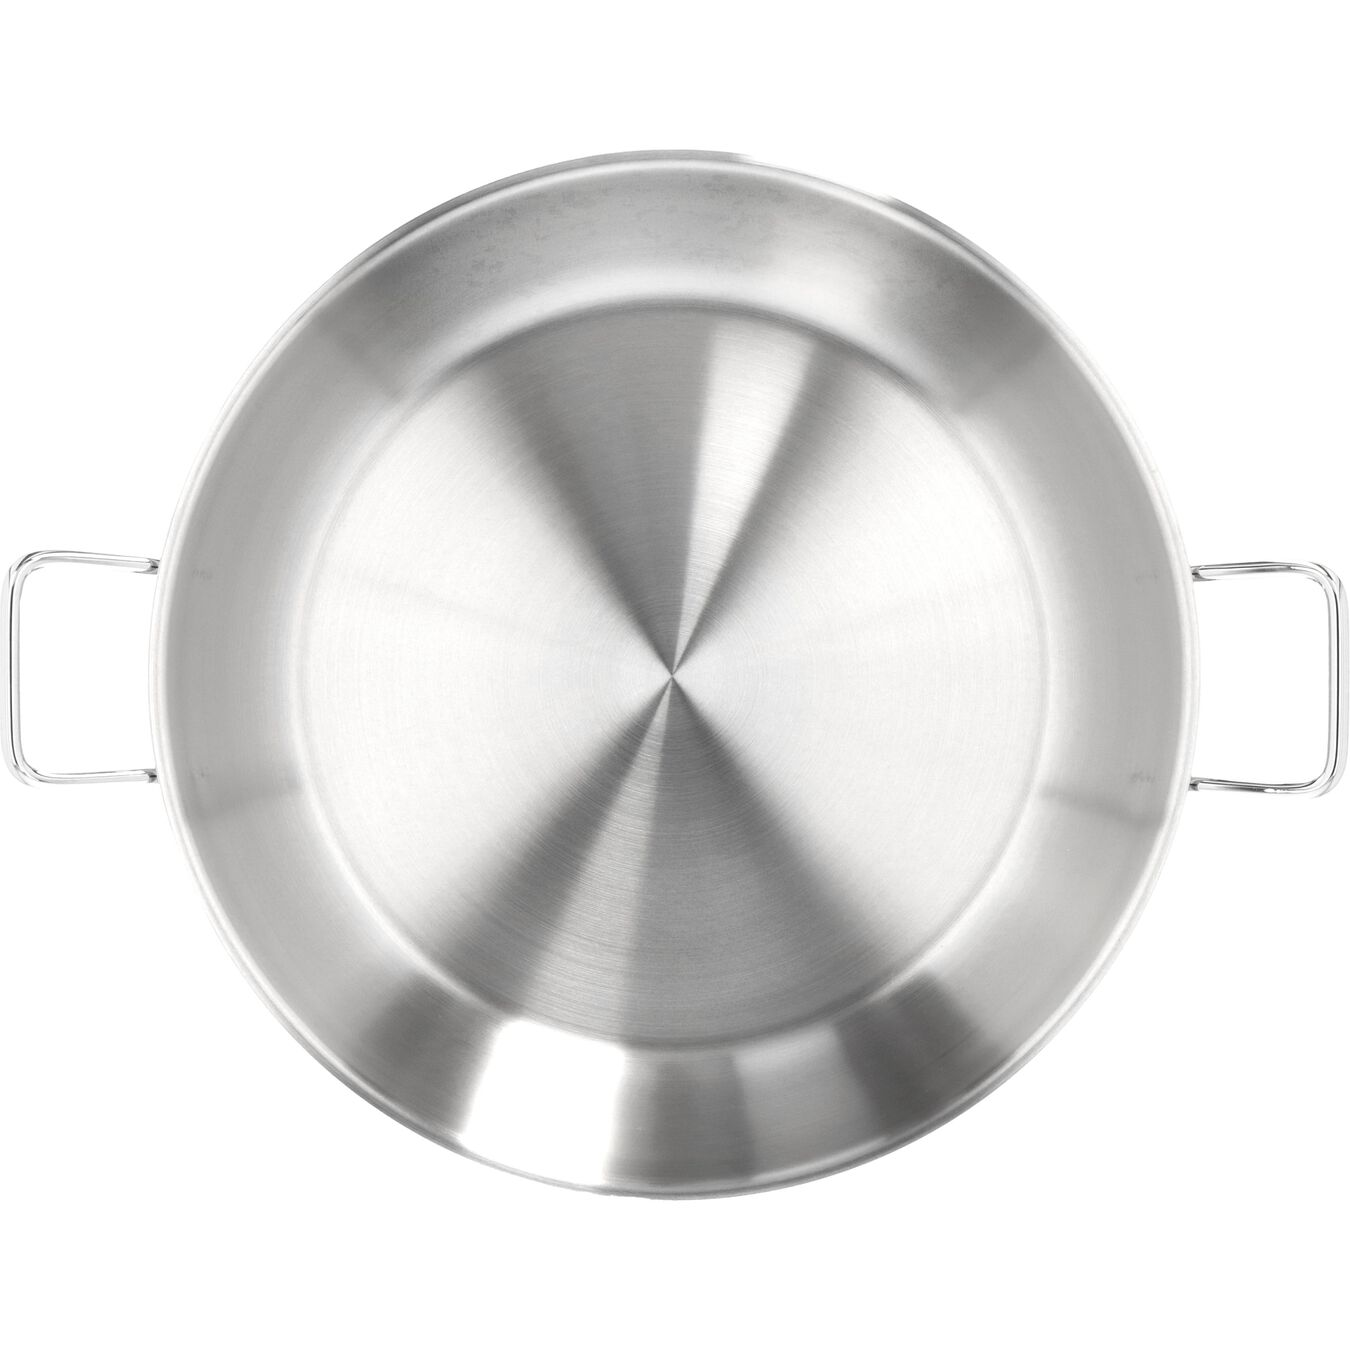 Paella Tavası Kapaksız | 18/10 Paslanmaz Çelik | 46 cm,,large 2